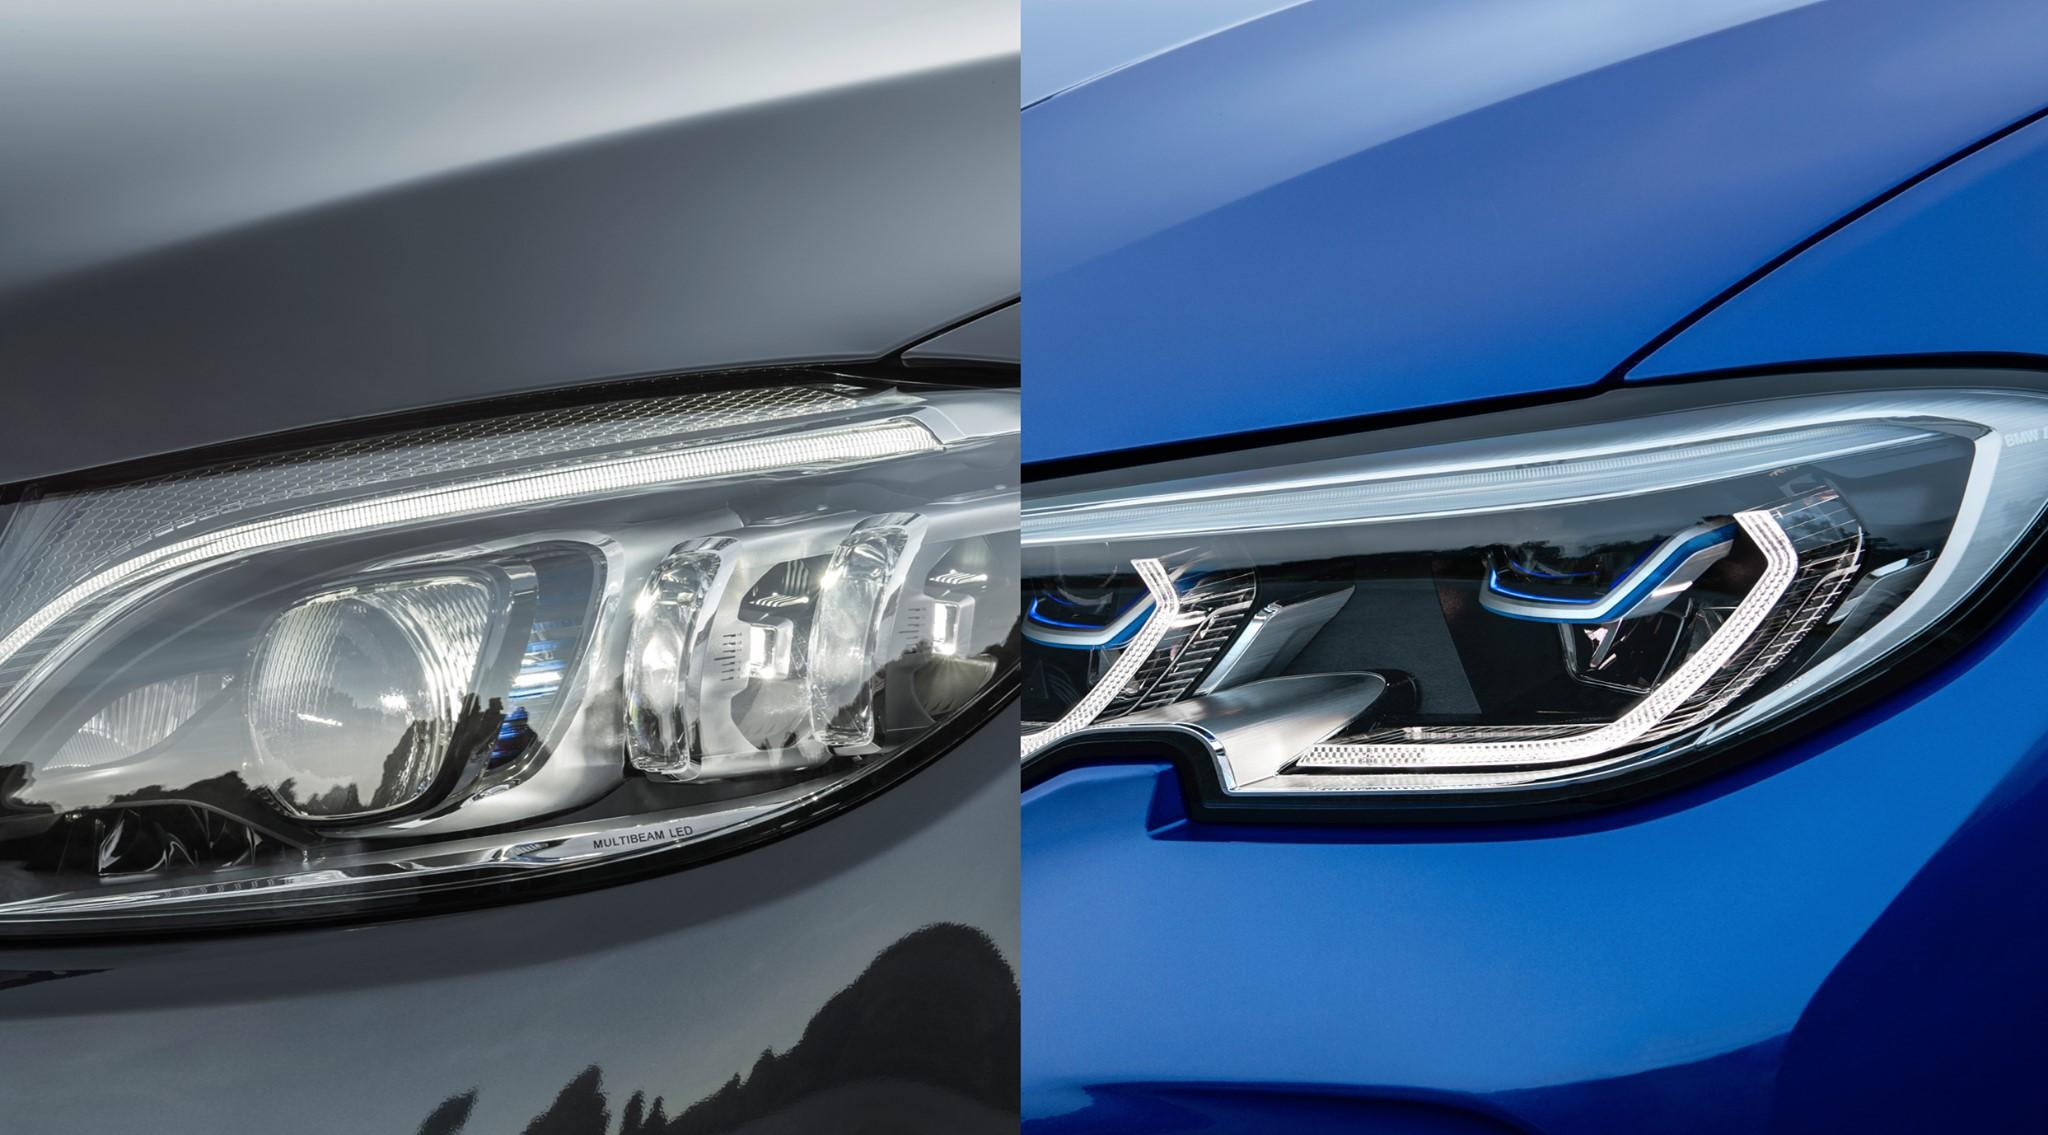 BMW Serie 3 versus Mercedes-Benz Clase C